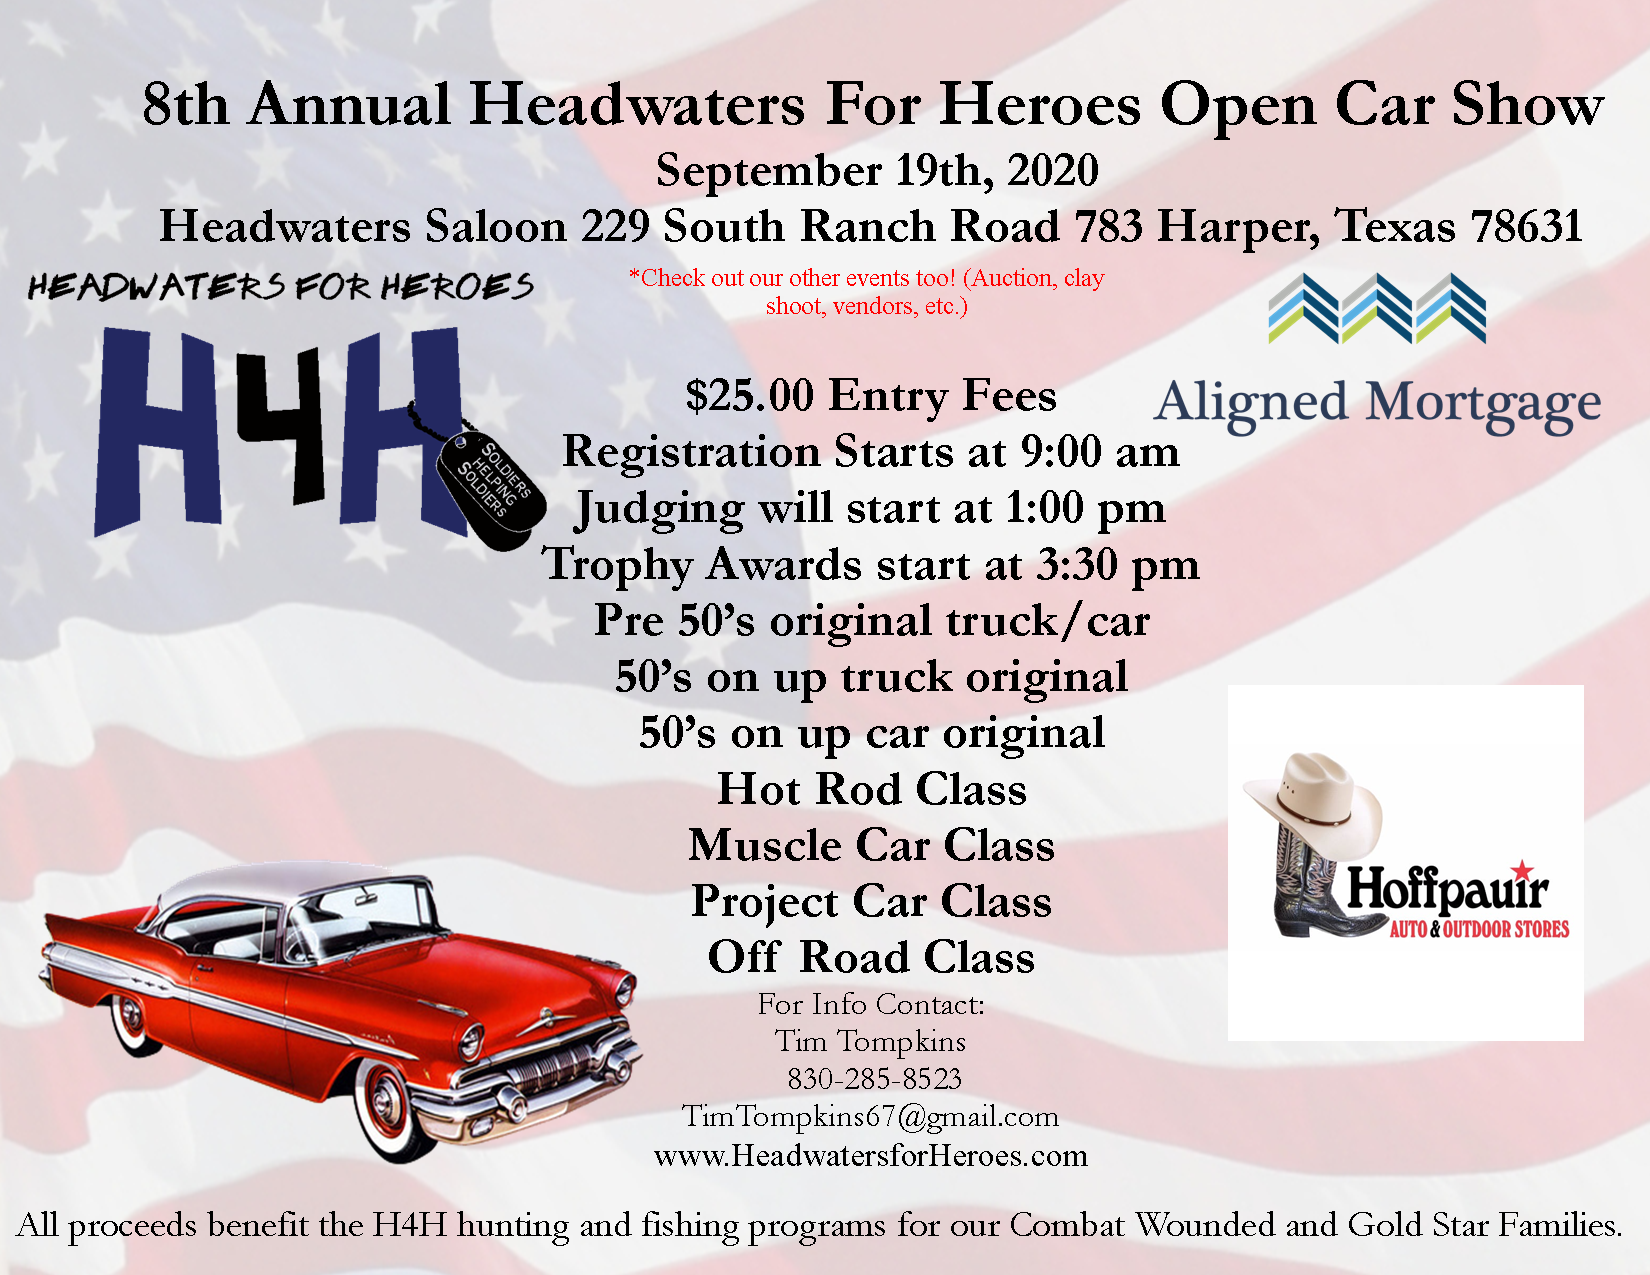 H4H Car Show Registration 2020 image